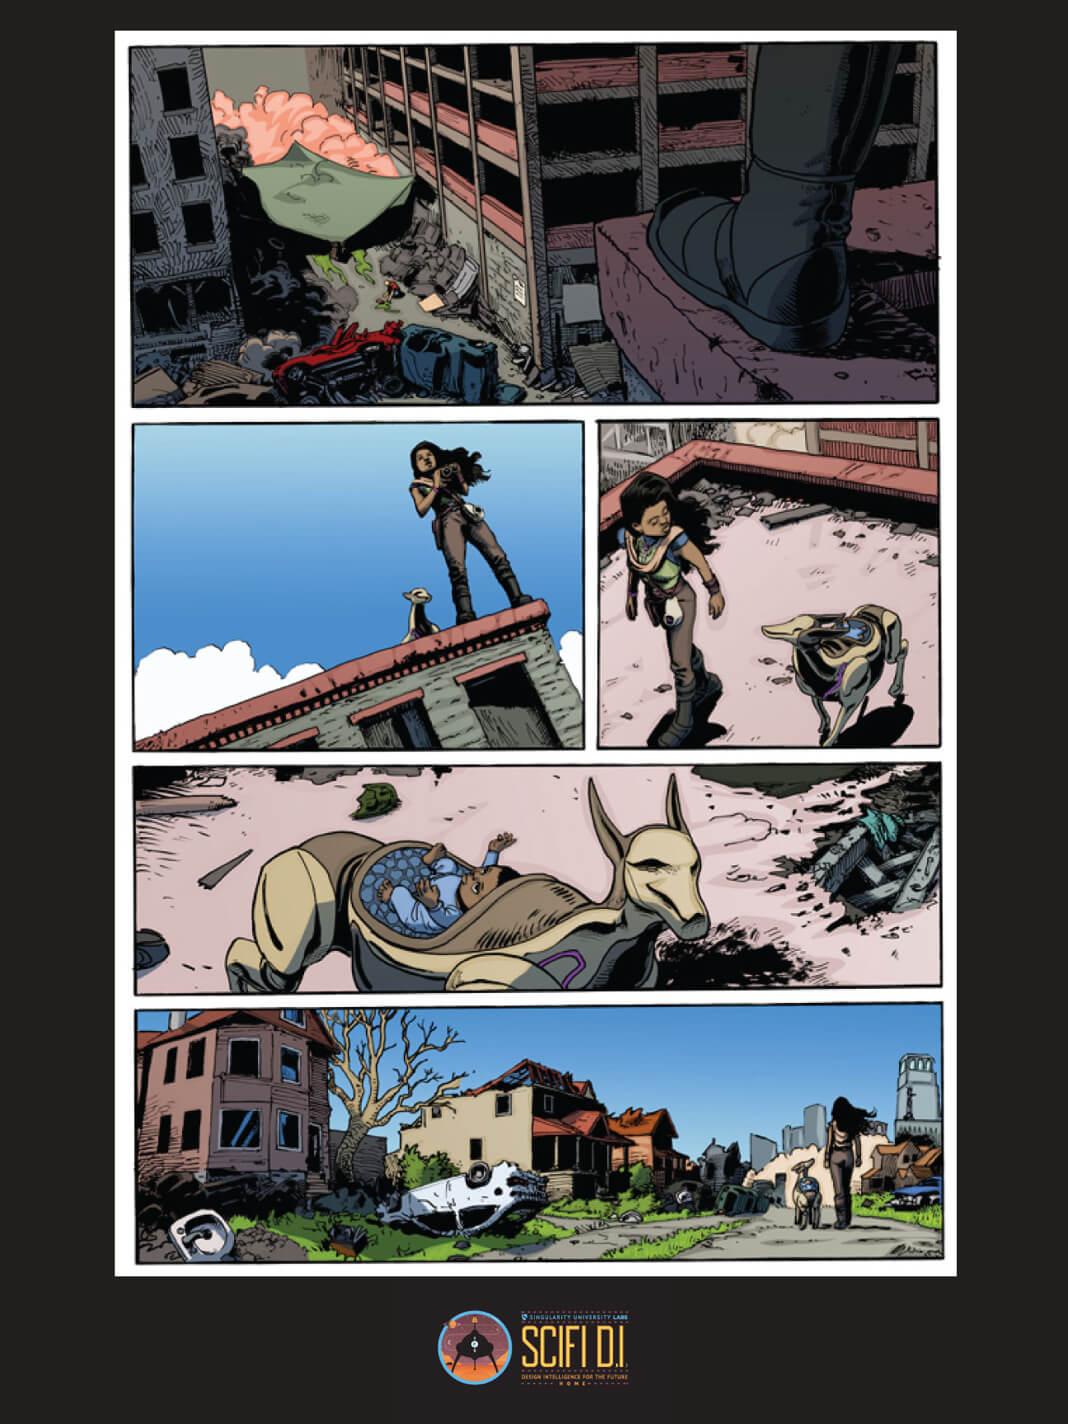 sci-fi-di-comic-sketch